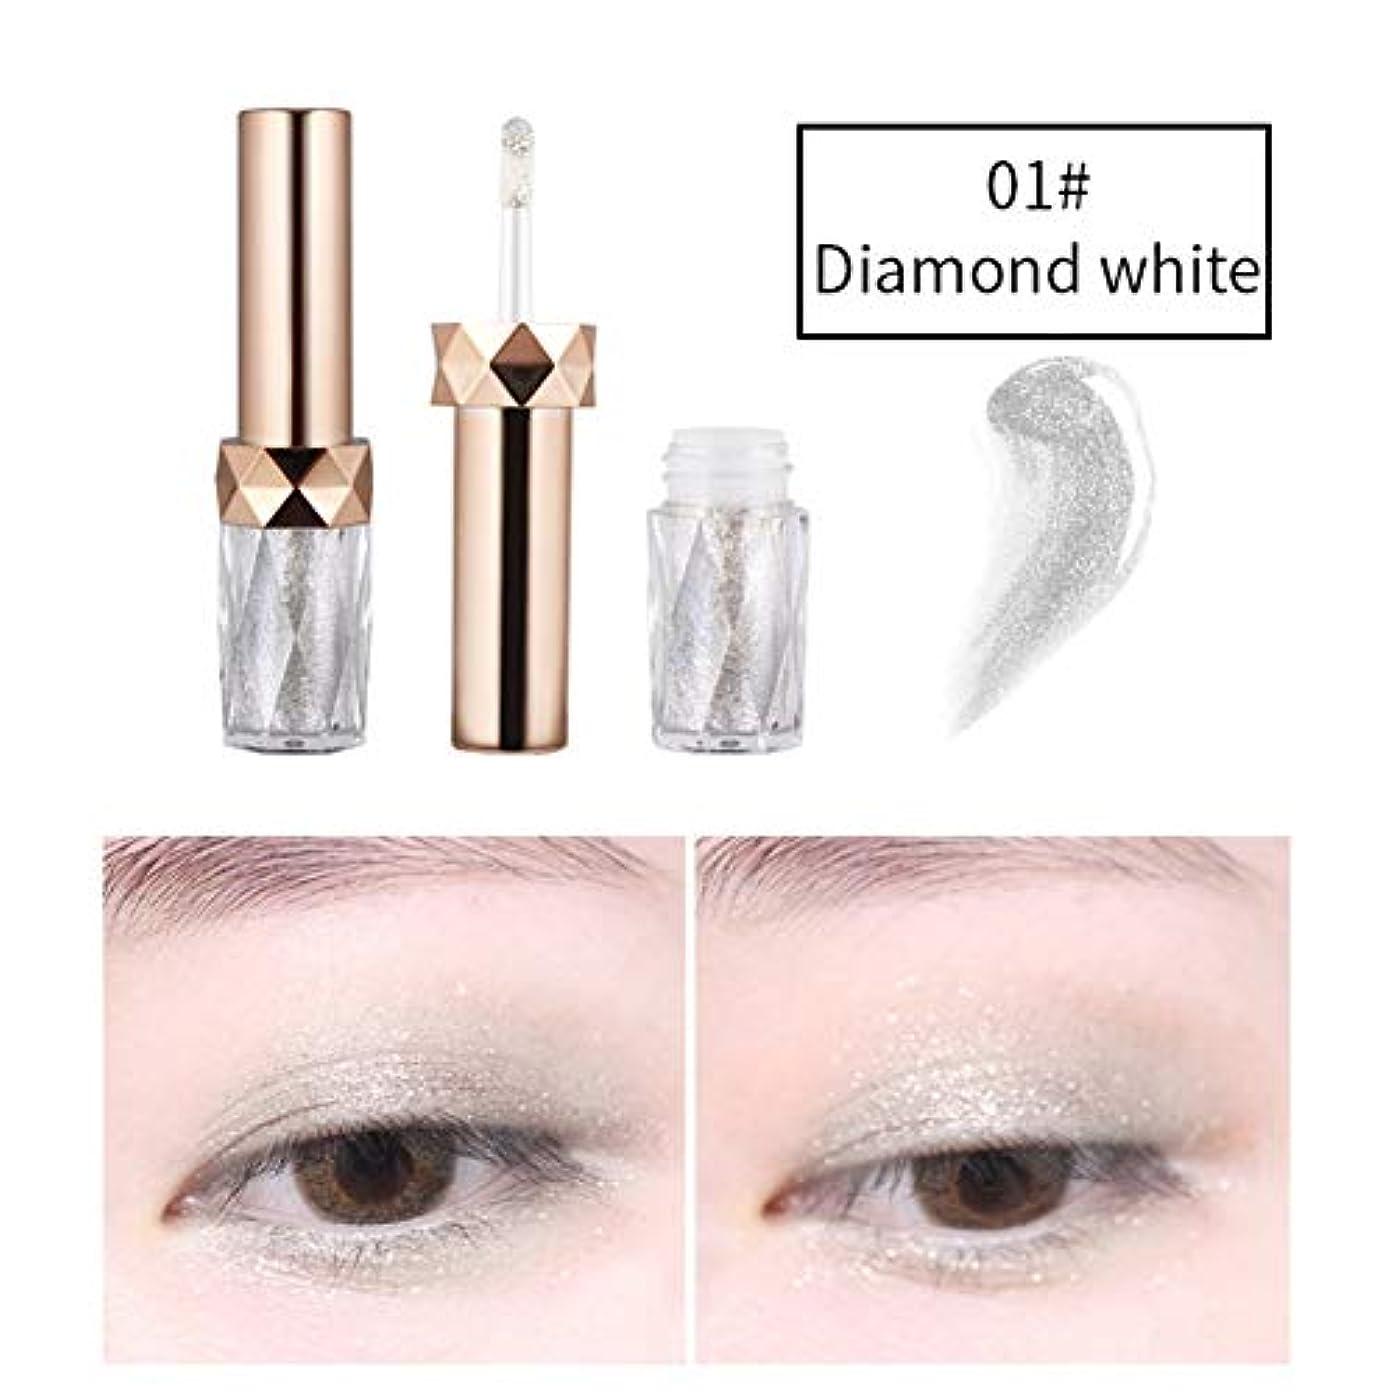 航空機ティームスラムCutelove リキッドアイシャドウ ダイヤモンドのような煌めき 日常でも使える 上品 ロングラスティング Diamond White